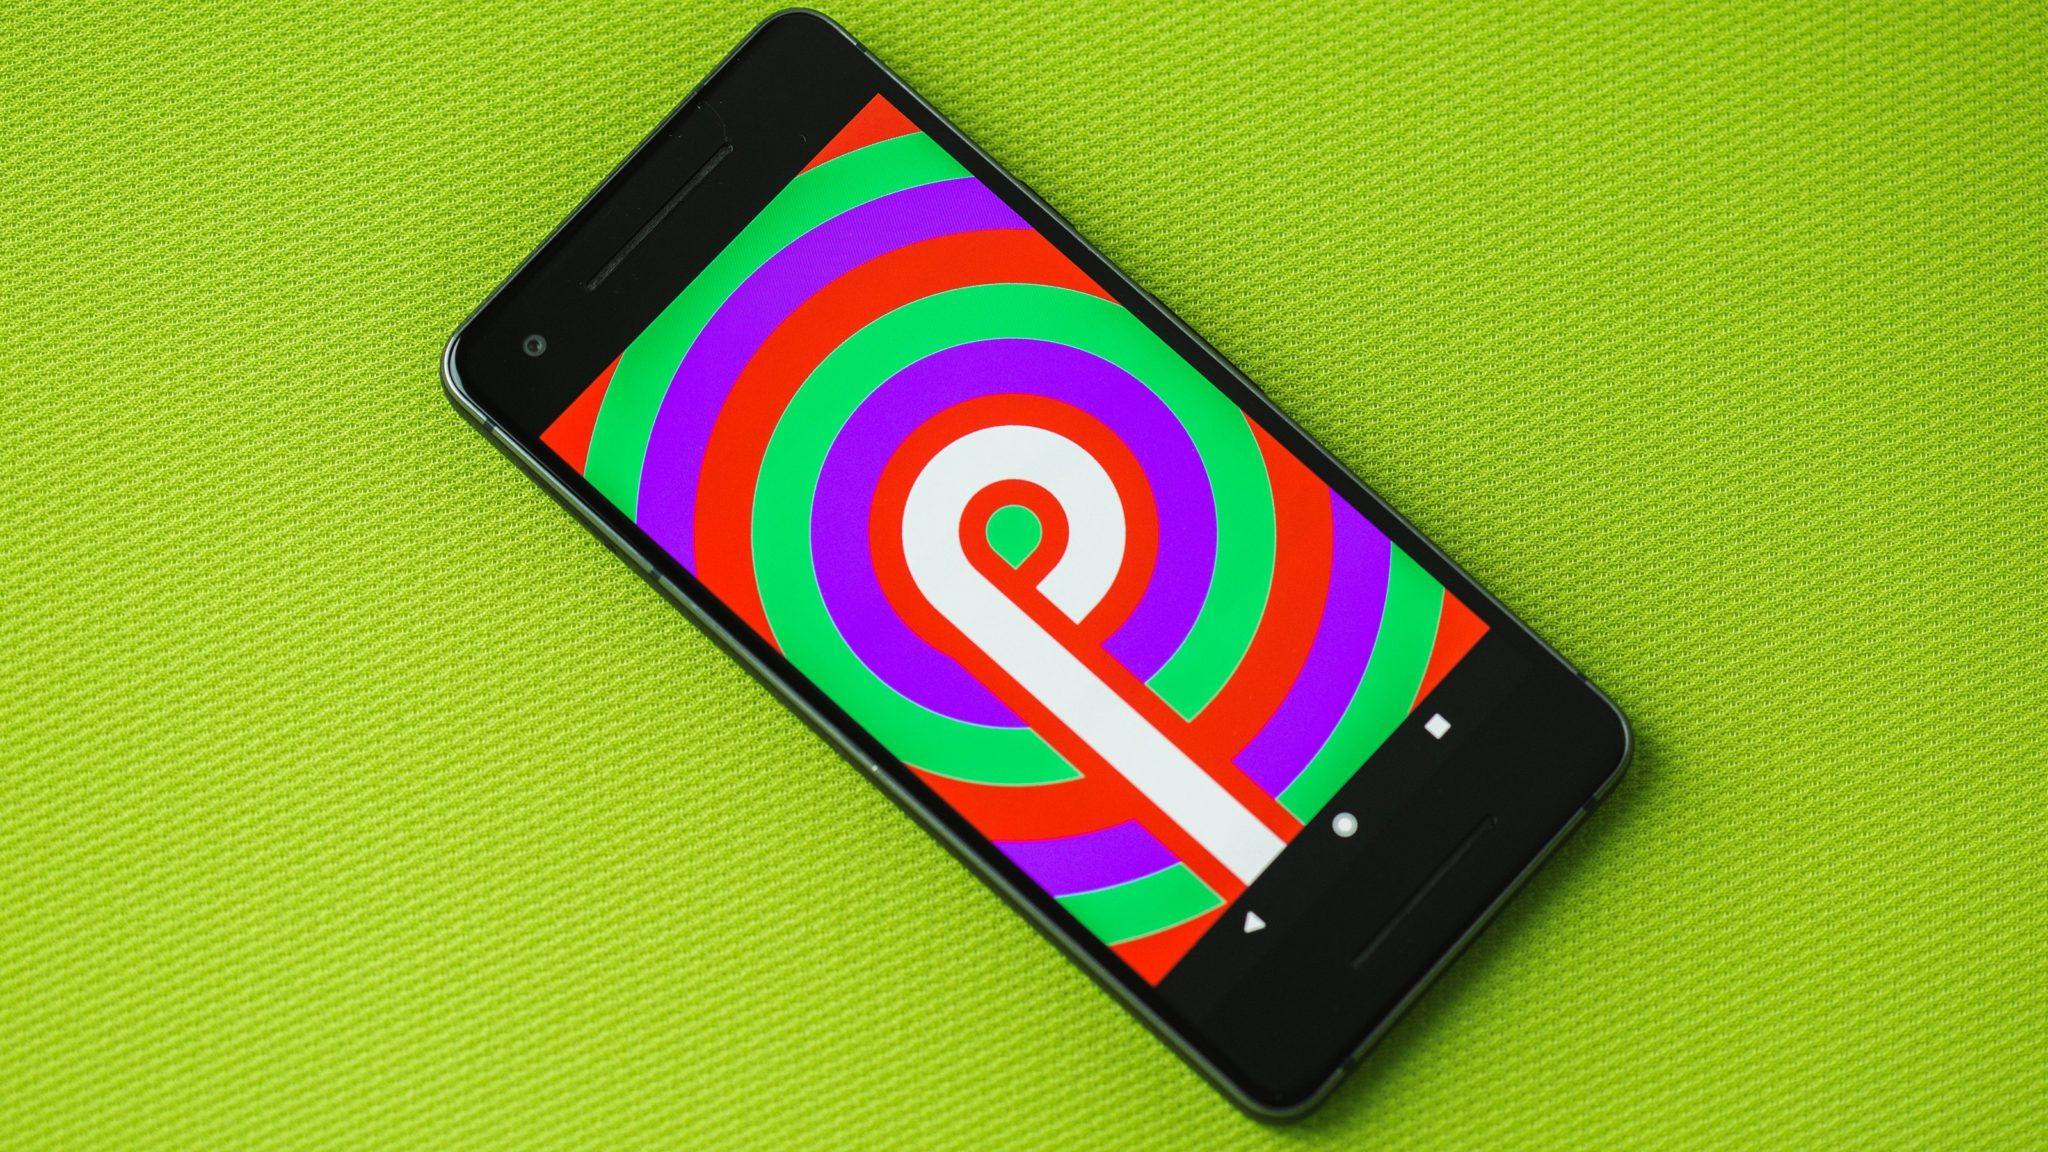 تعرف على أبرز 10 تغييرات ومميزات جديدة في أندرويد بي Android P 1